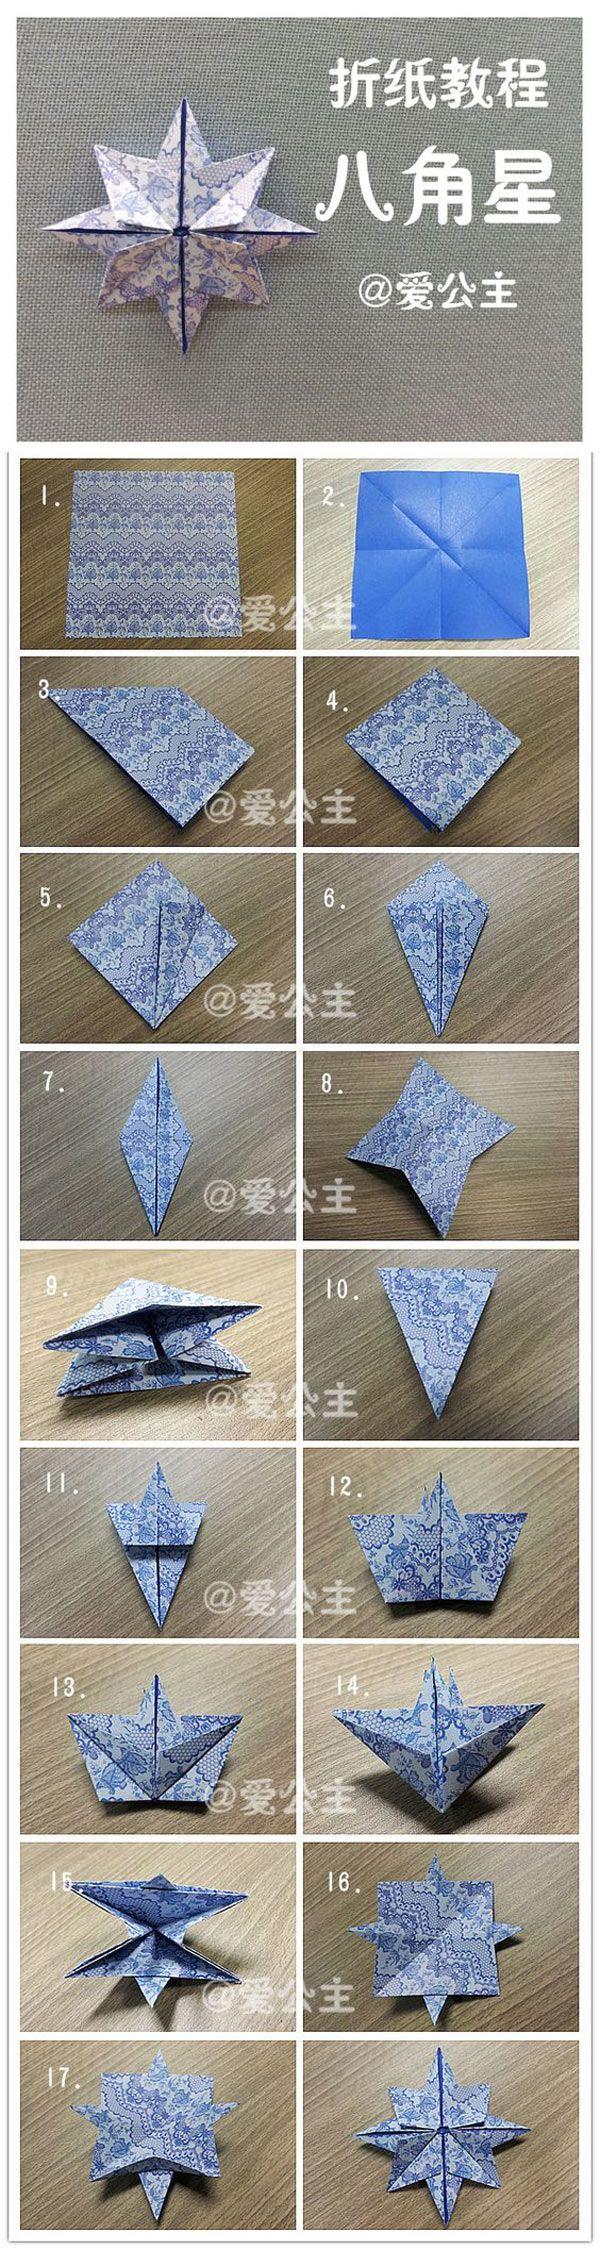 Tutorial para realizar rosa de los vientos con origami                                                                                                                                                                                 Más